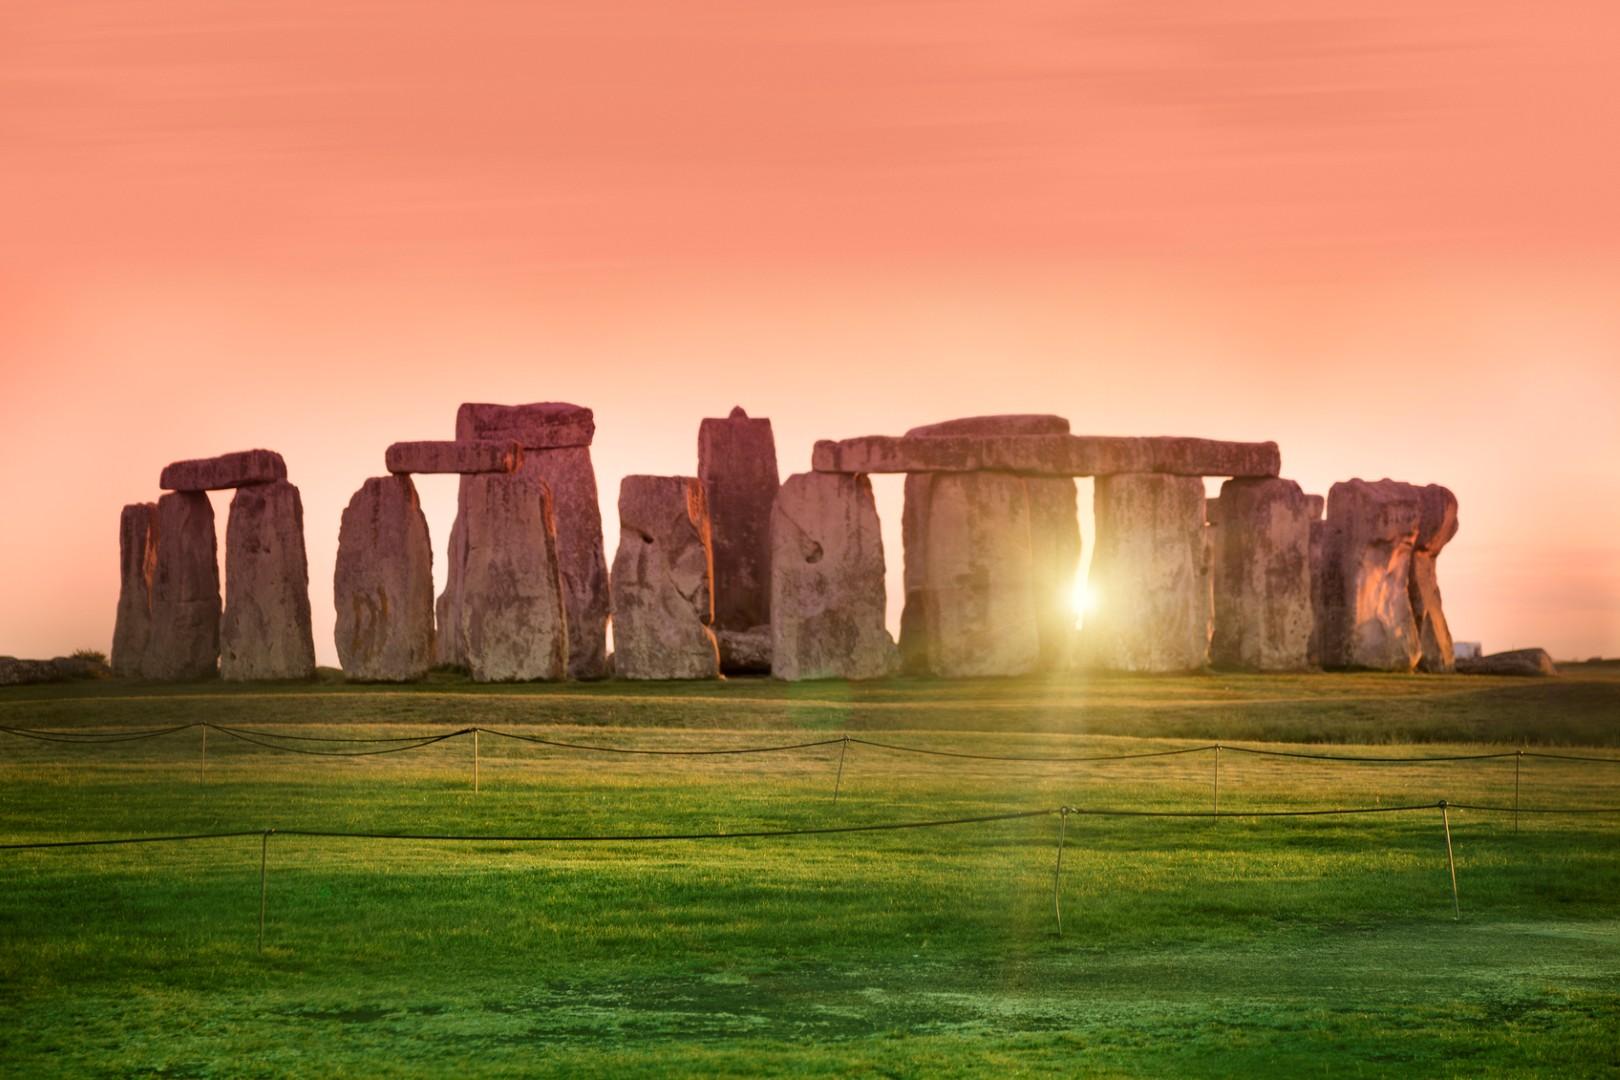 I luoghi più spirituali del mondo